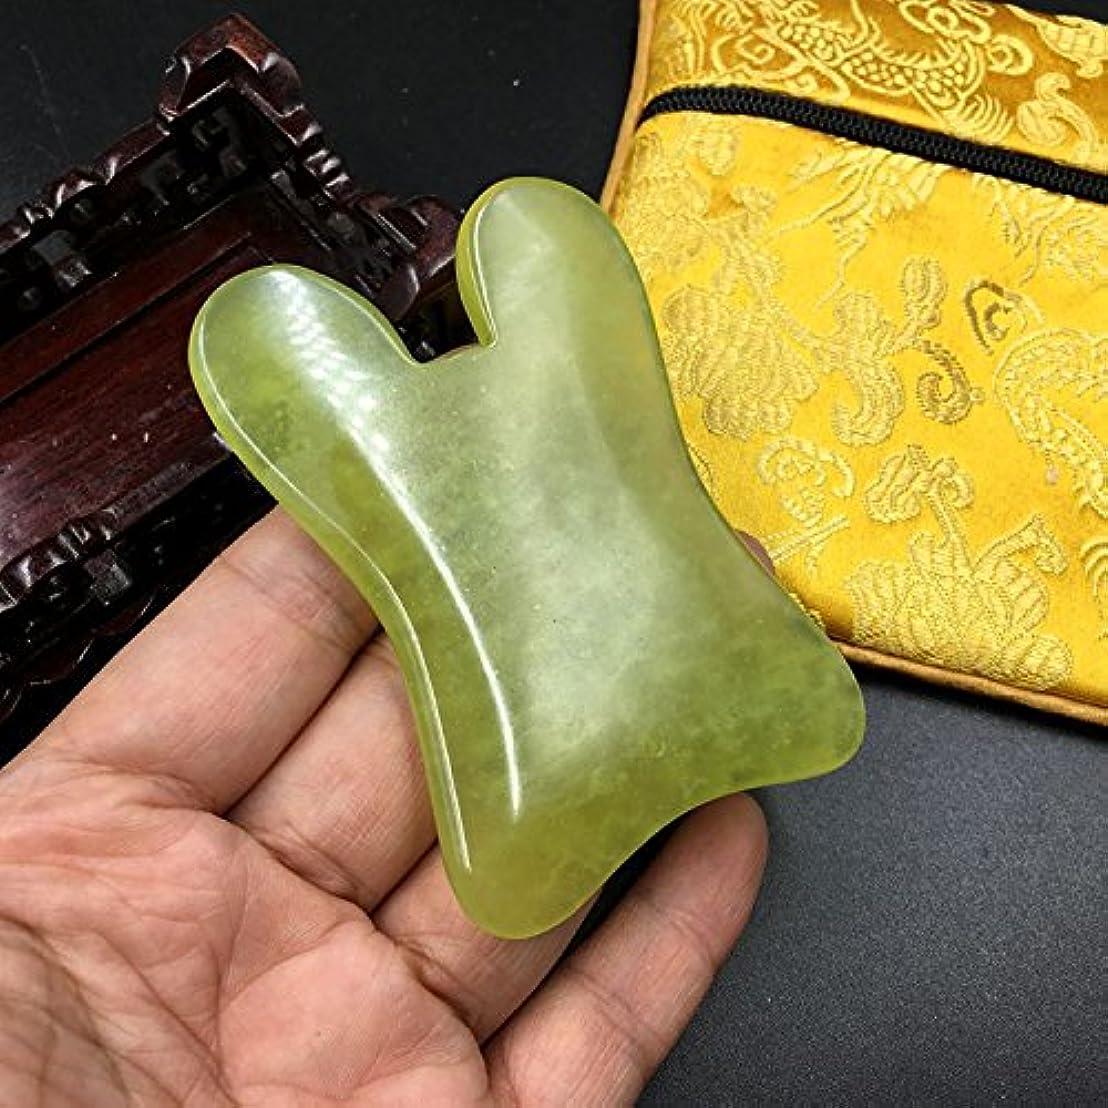 退化する浅い同盟1点1pcFace / Body Massage Natural Jade Gua Sha Board U 形 shape かっさプレート 天然石 翡翠(顔?ボディのリンパマッサージ)